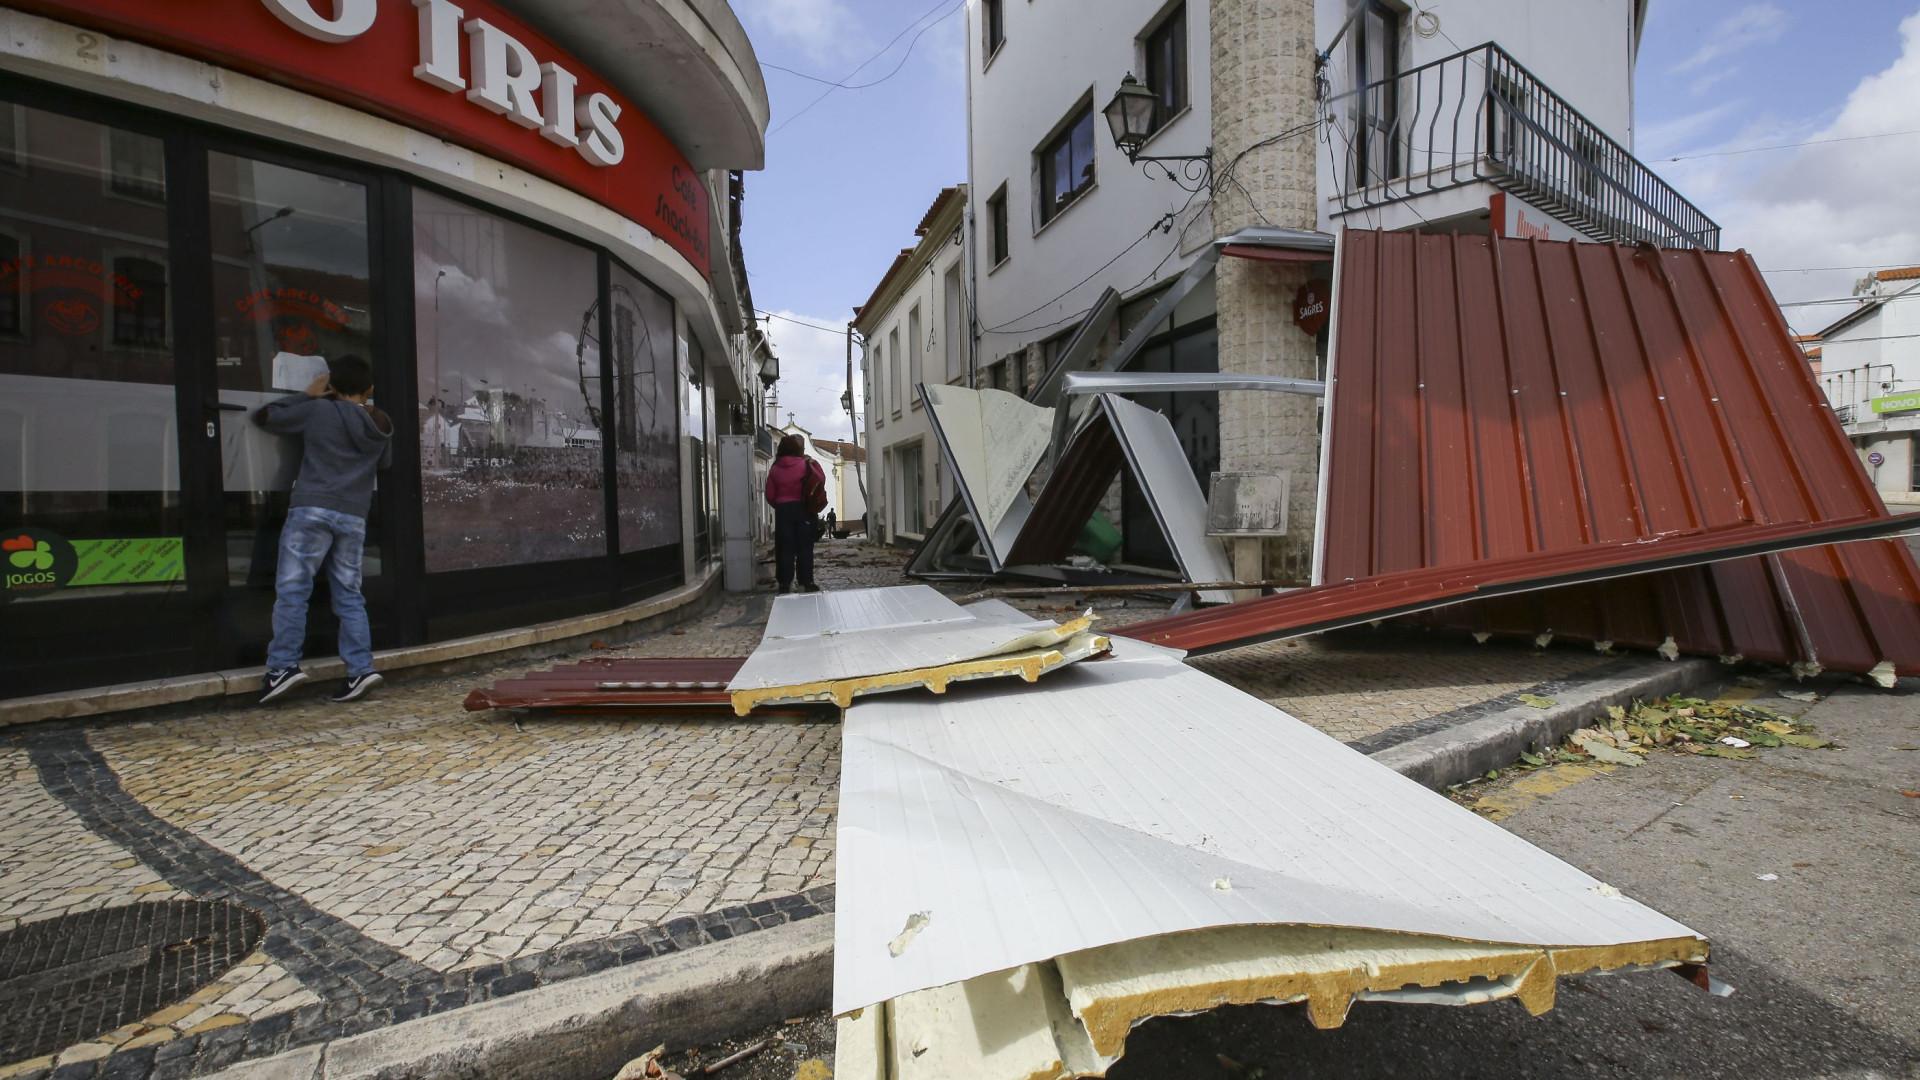 Autarca de Soure estima um milhão de euros de prejuízo